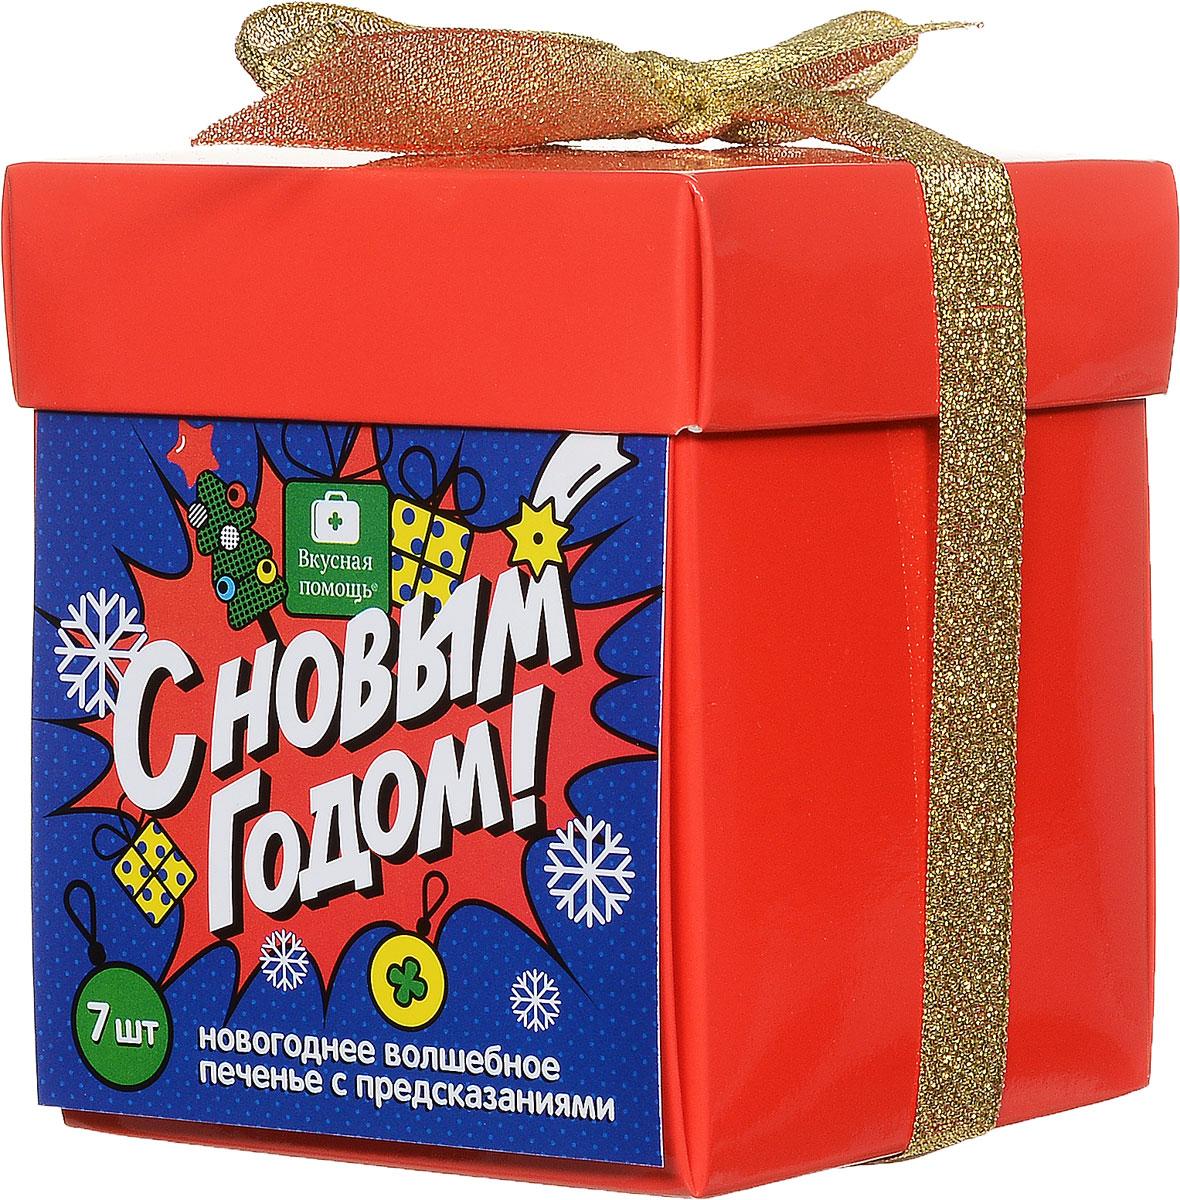 Вкусная помощь Новогоднее волшебное печенье с предсказаниями, 45,5 г787499, 961367, 652308, 658877Вы скоро устраиваете новогоднюю вечеринку, или вы приглашены на чей-то праздник, а может быть, вы хотите собраться с друзьями, попивая чашечку ароматного чая? Тогда стоит подумать об изюминке, которую вы готовы привнести на ваше мероприятие. Прекрасное дополнение для вашего праздника - это печенье с предсказаниями на грядущий год!Предсказания наполнены теплотой и нежностью, они будут приятны каждому. Открывайте коробку печенья с предсказаниями - испытывайте судьбу!В коробке 7 печенек с теплыми и душевными новогодними предсказаниями.